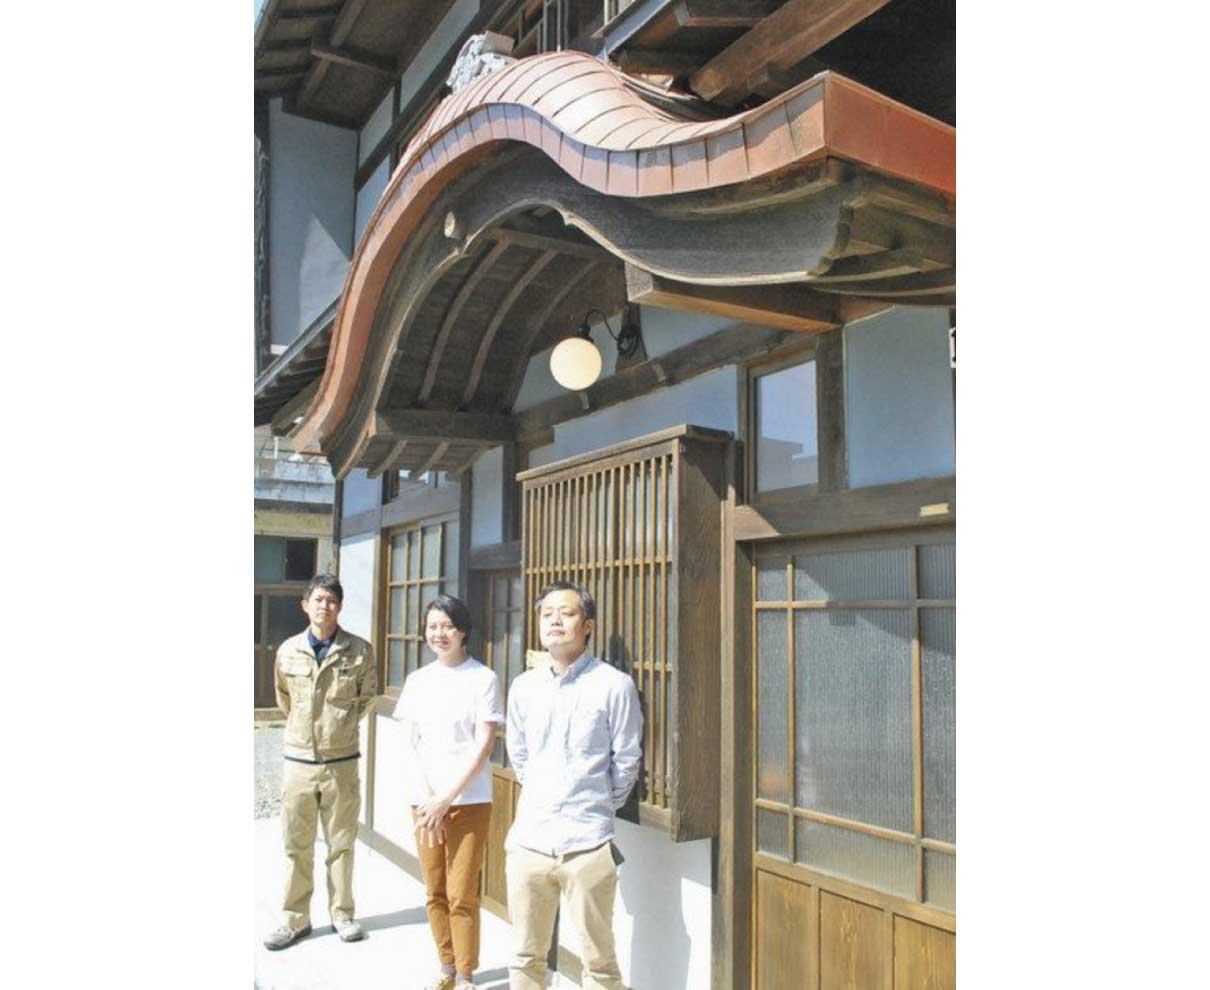 小浜の旧銭湯レンタル 料理教室や会議室に改修 保全活動3人